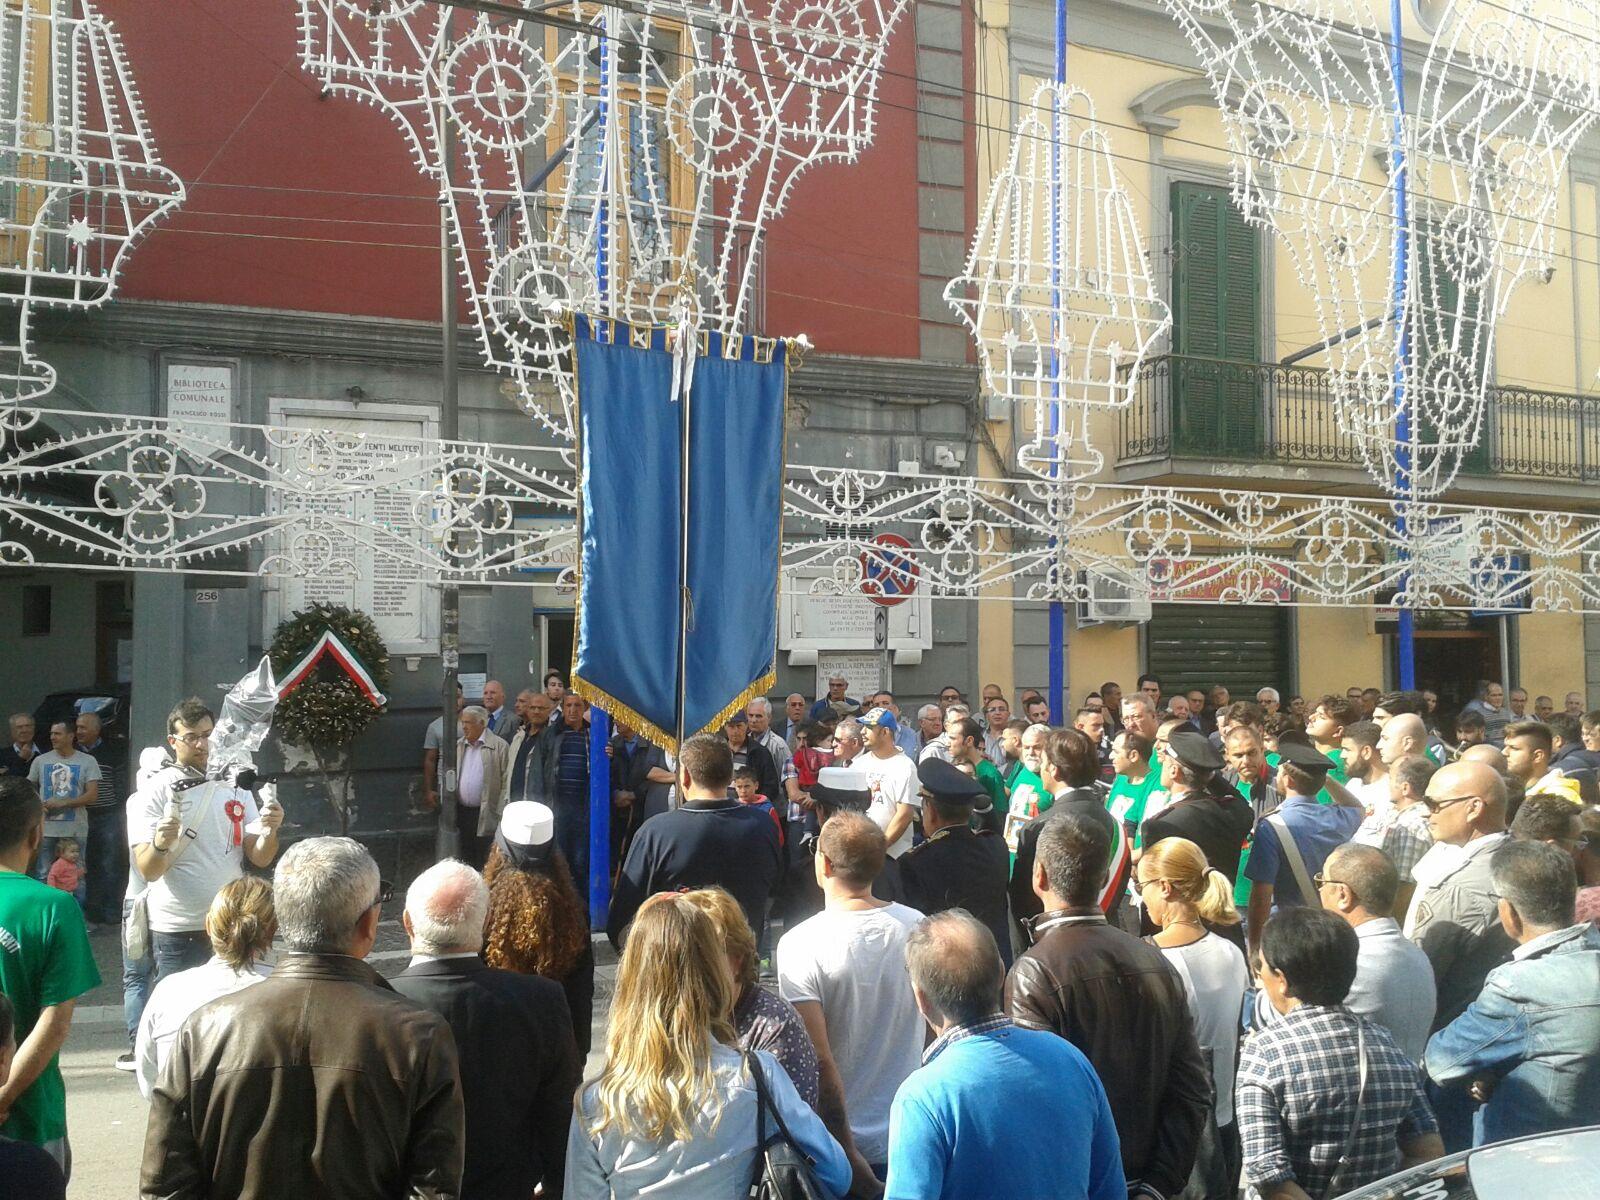 Melito festa patronale 2016 S.Stefano 9